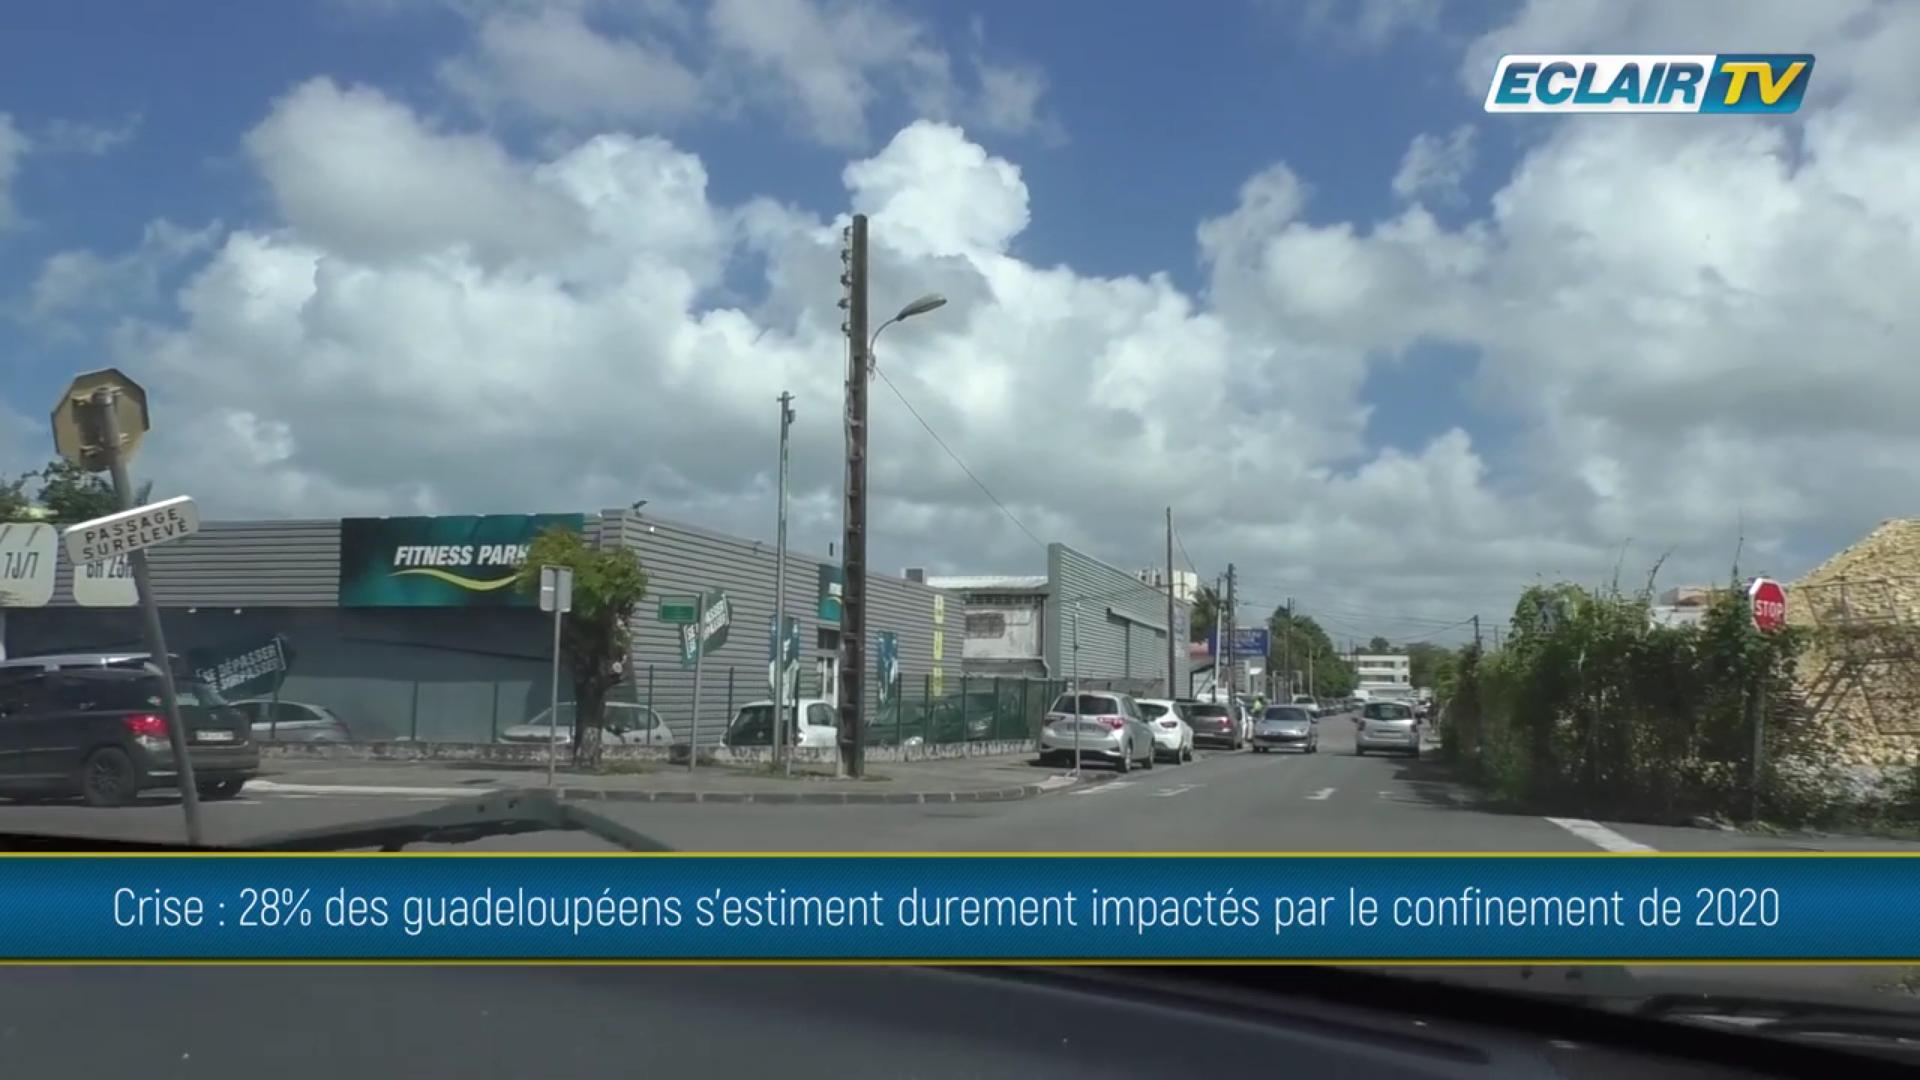 [Vidéo] Onews Guadeloupe. Covid. 28% des habitants s estiment durement impactés (ECLAIR TV)